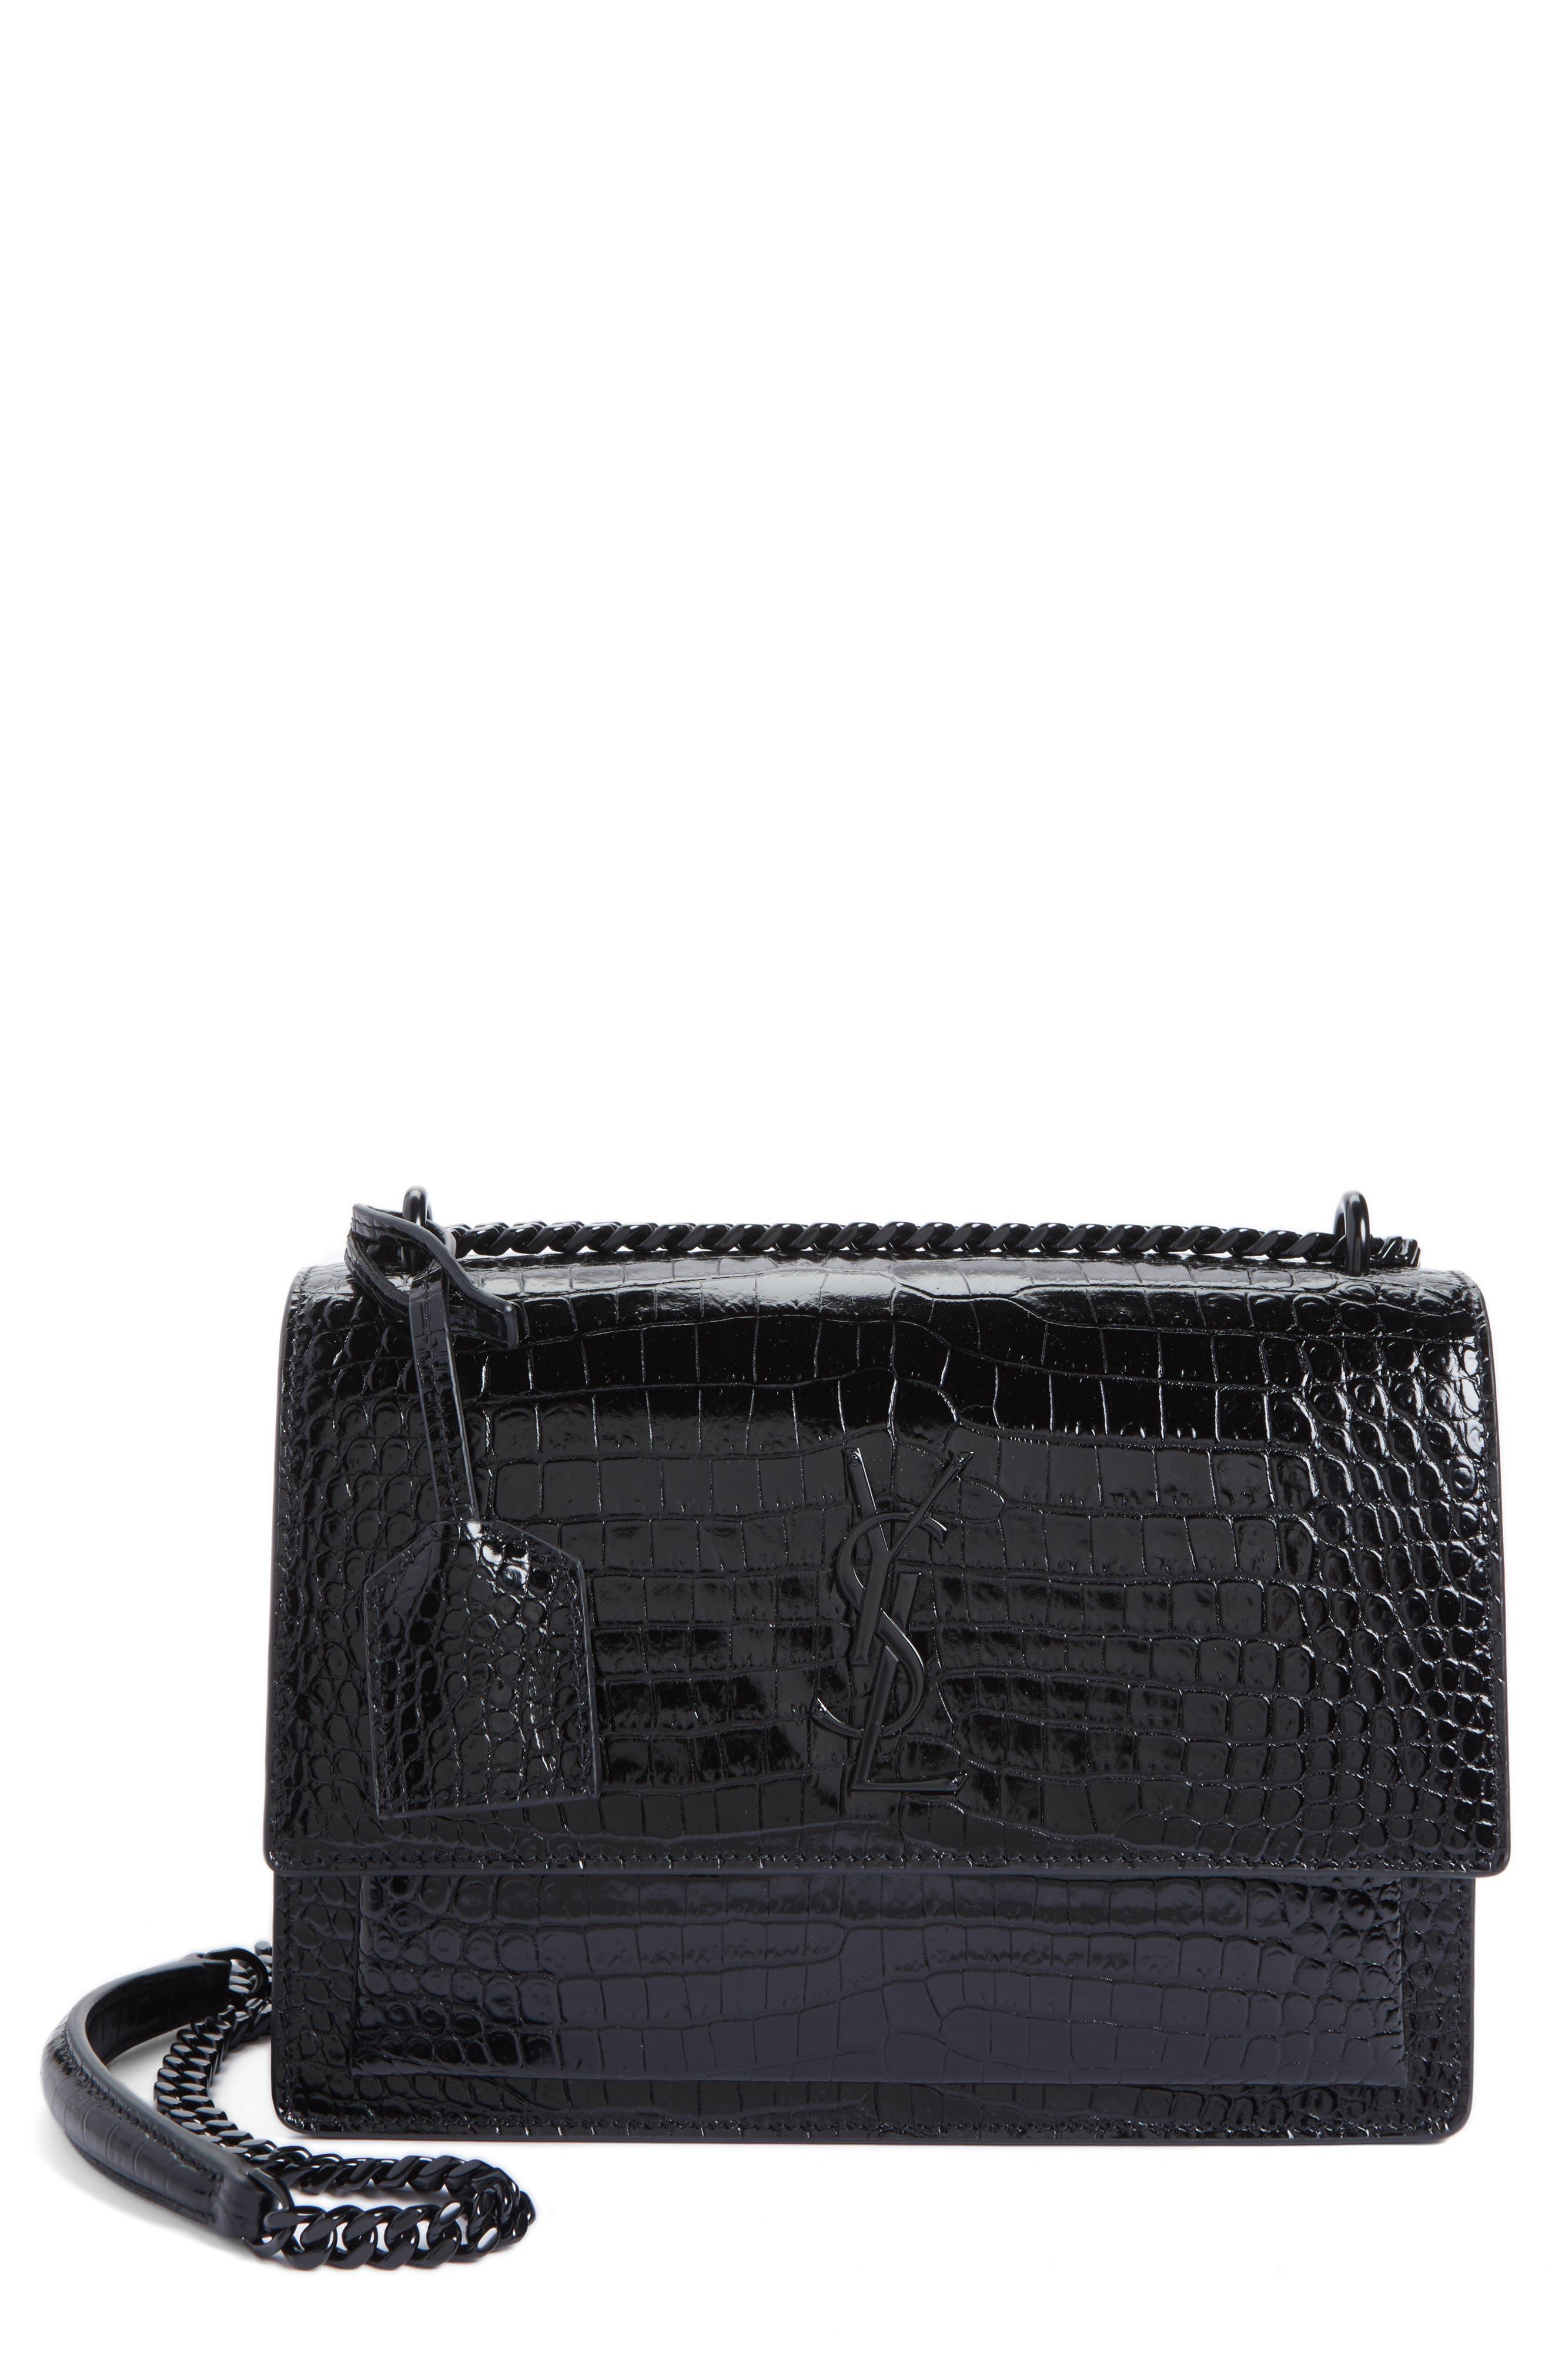 Alternate Image 1 Selected - Saint Laurent Medium Sunset Croc Embossed Leather Shoulder Bag